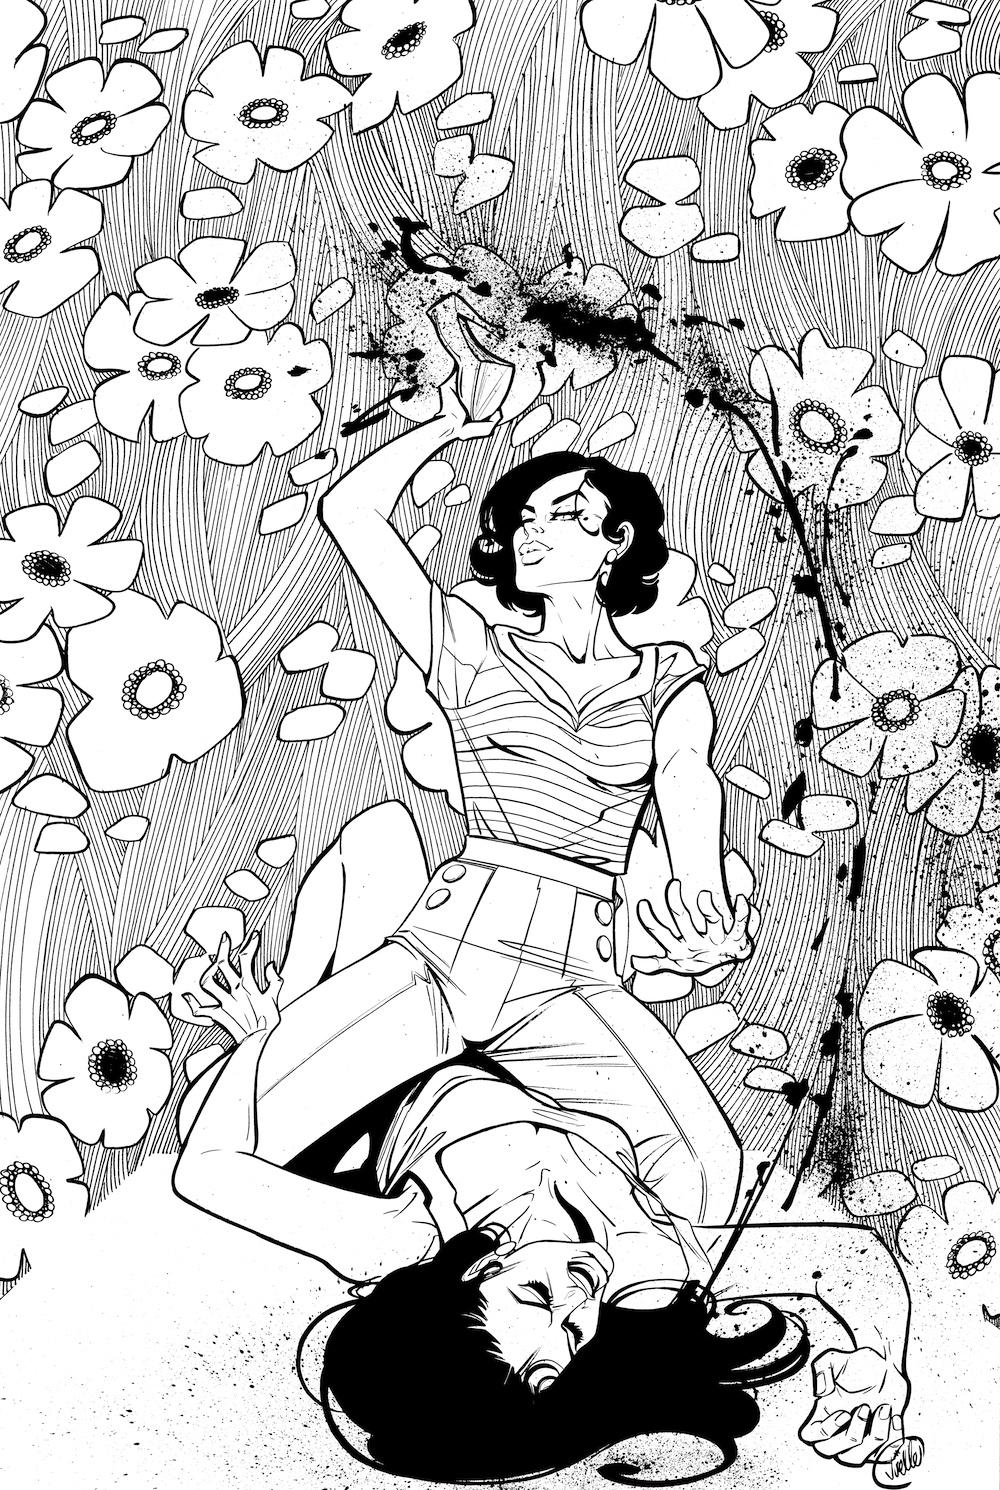 lady killer #4 cover copy.jpg